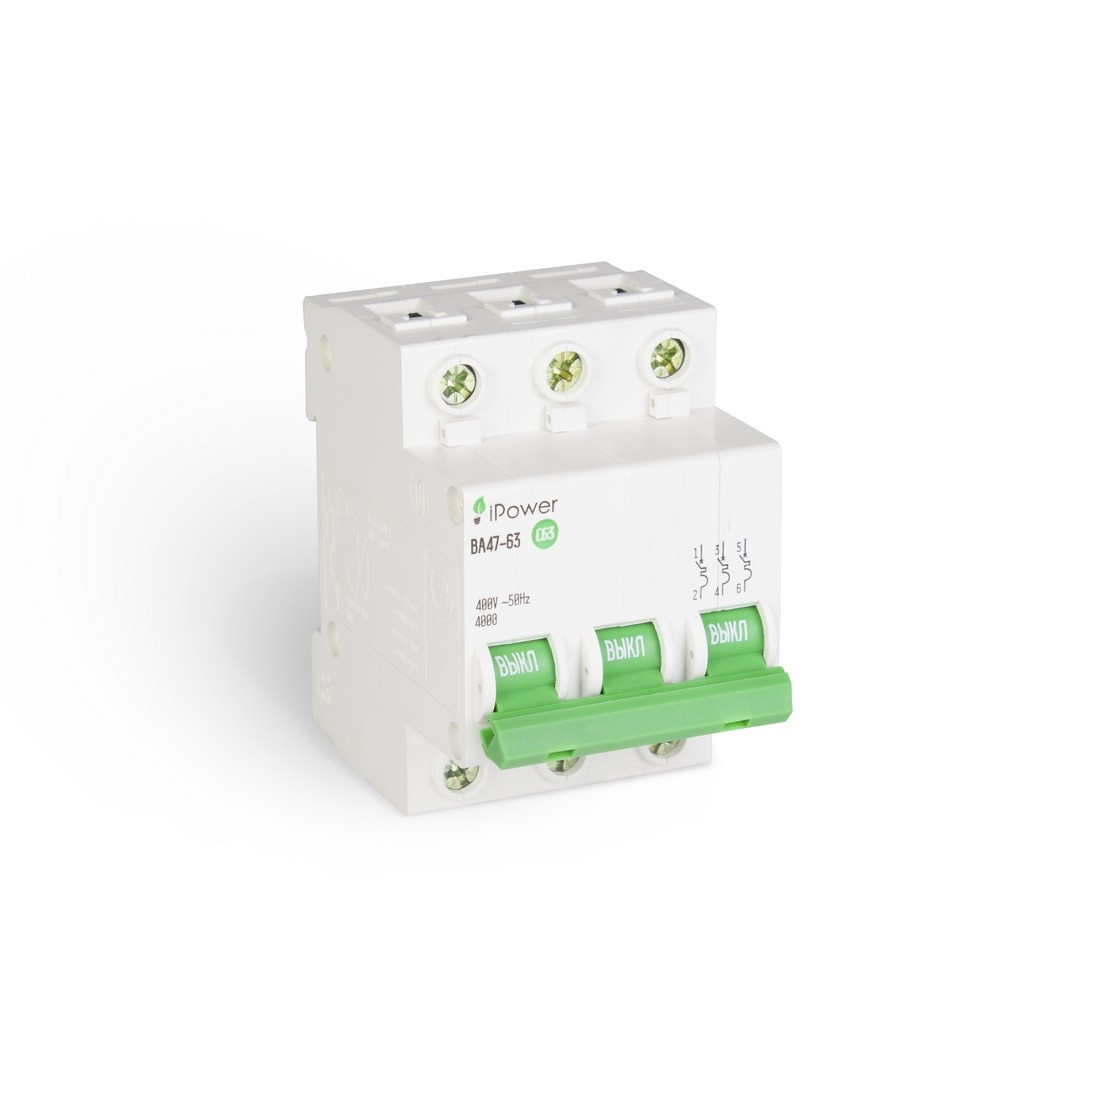 Автоматический выключатель реечный iPower ВА47-63 3Р 40А - фото 1